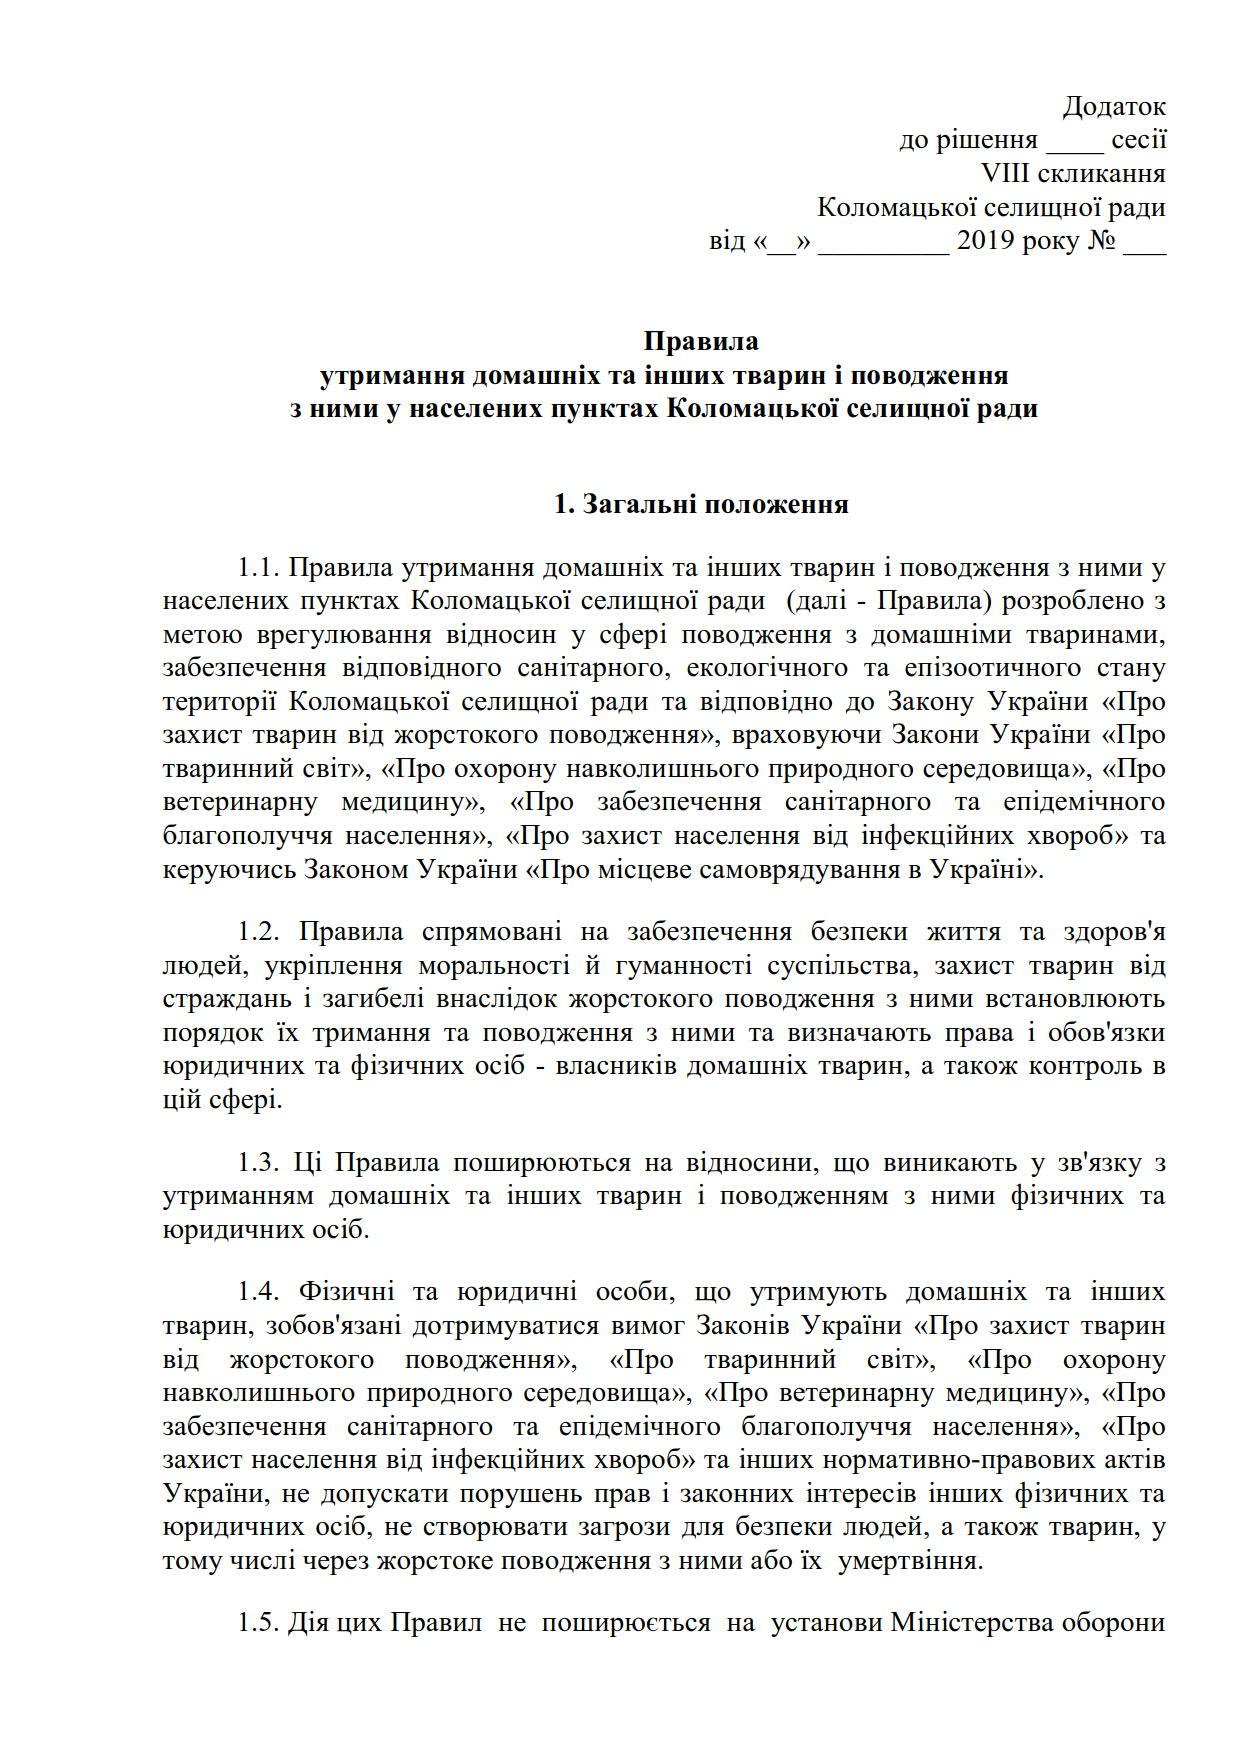 Правила утримання домашніх тварин коломак нов_02